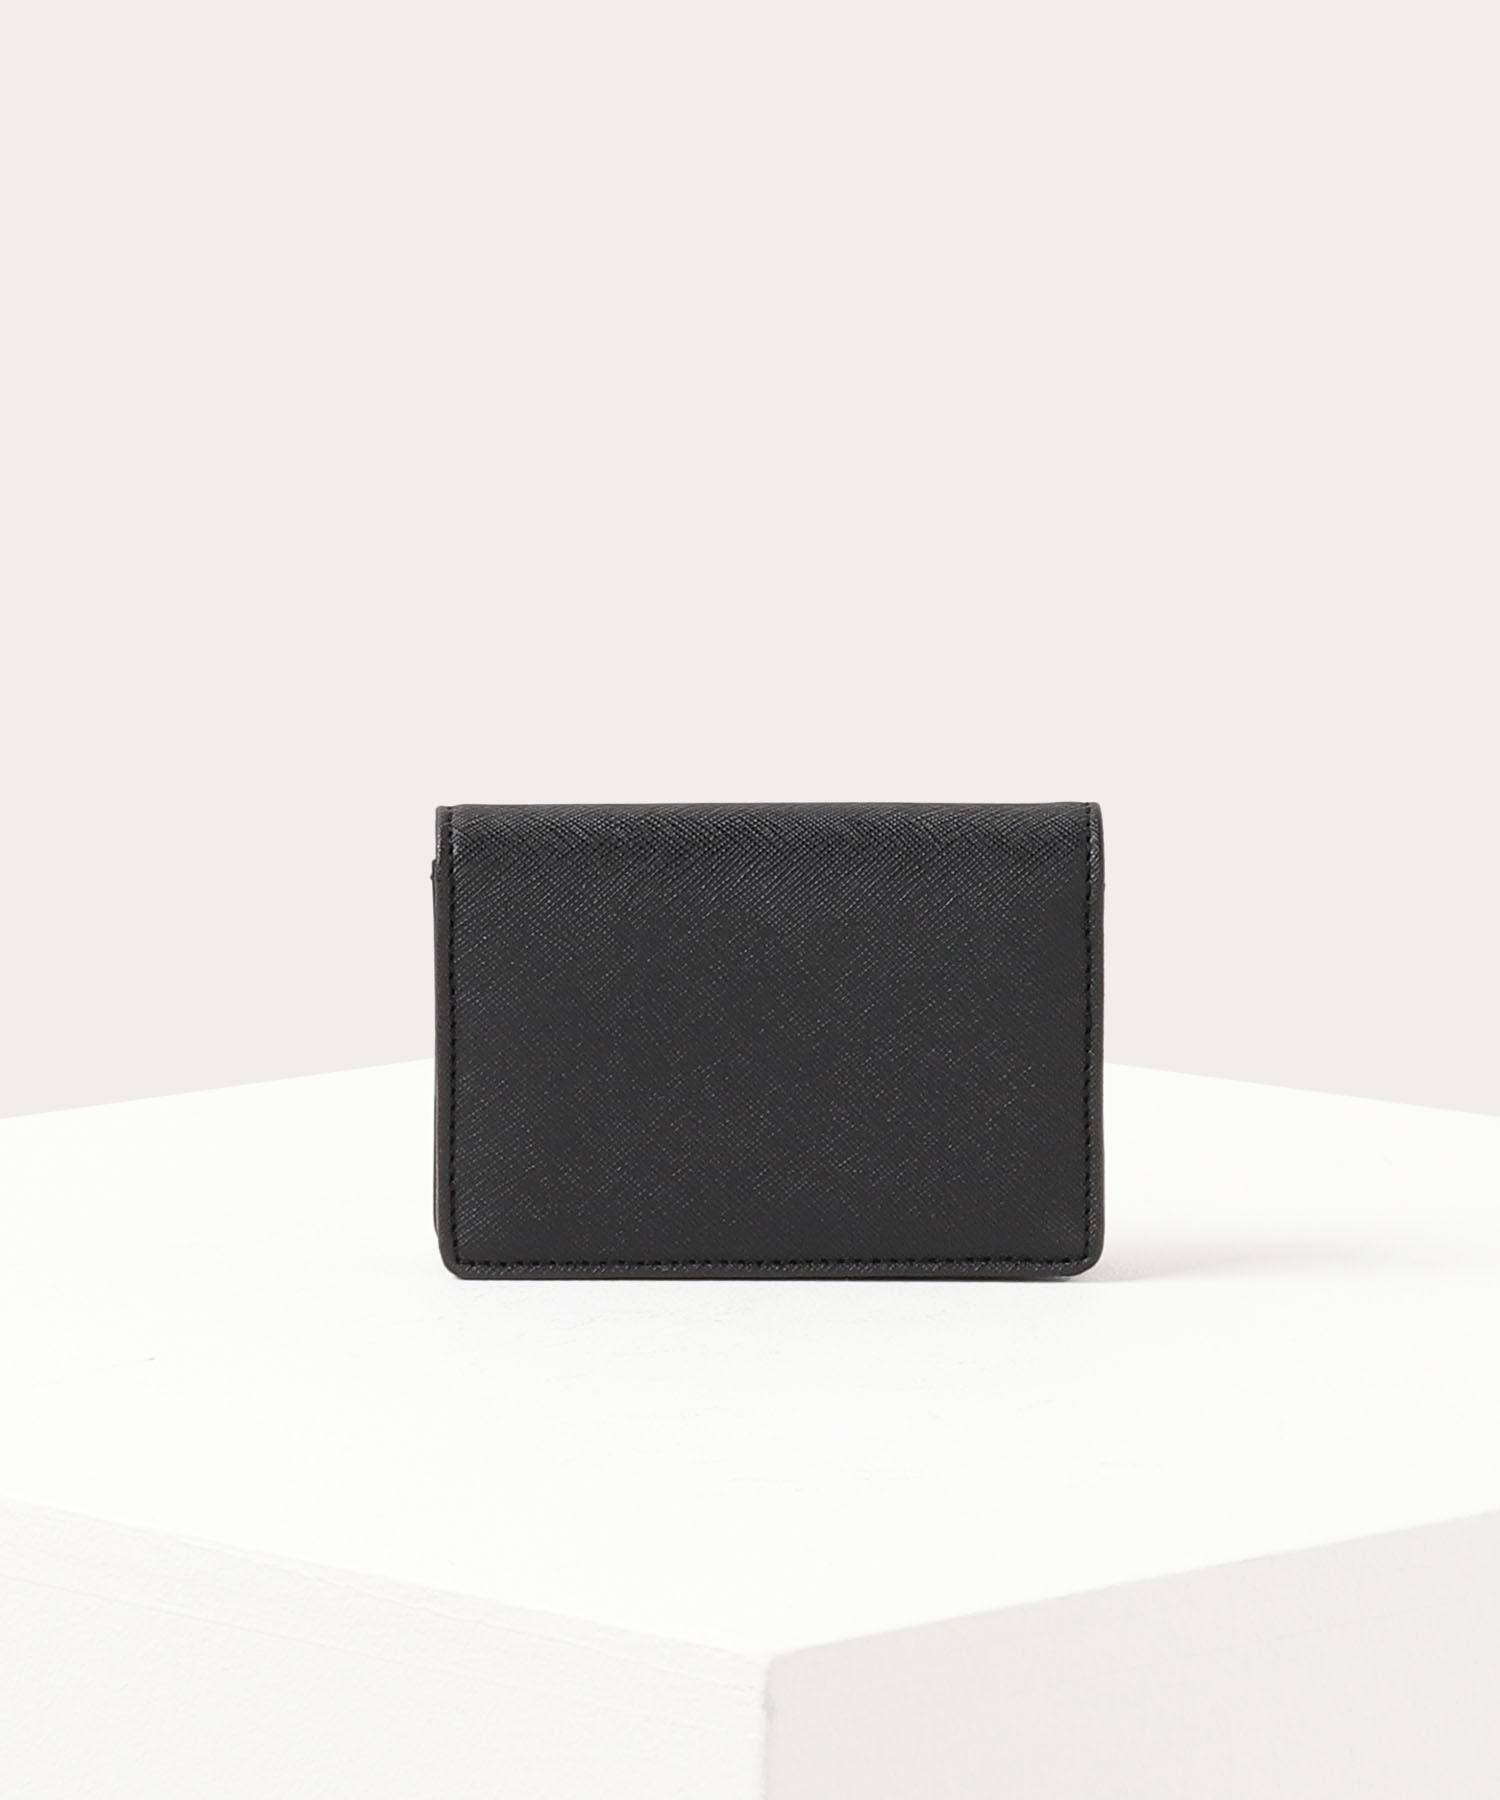 DERBY カードケース